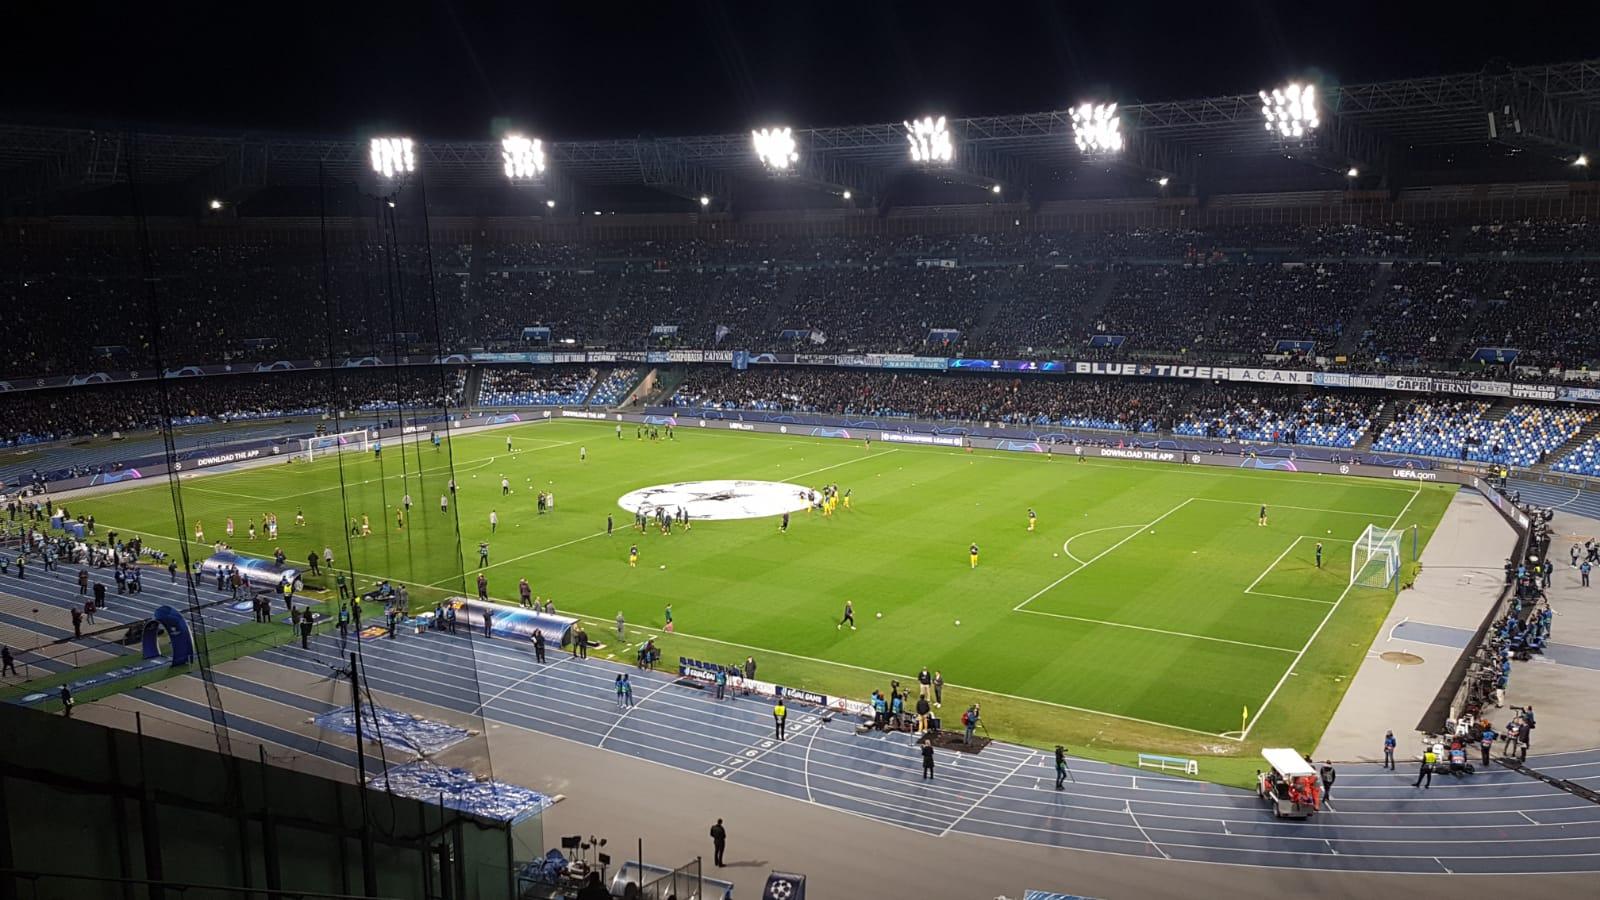 L'estadi de San Paolo abans del Nàpols-Barça de la Champions League 2019-2020.